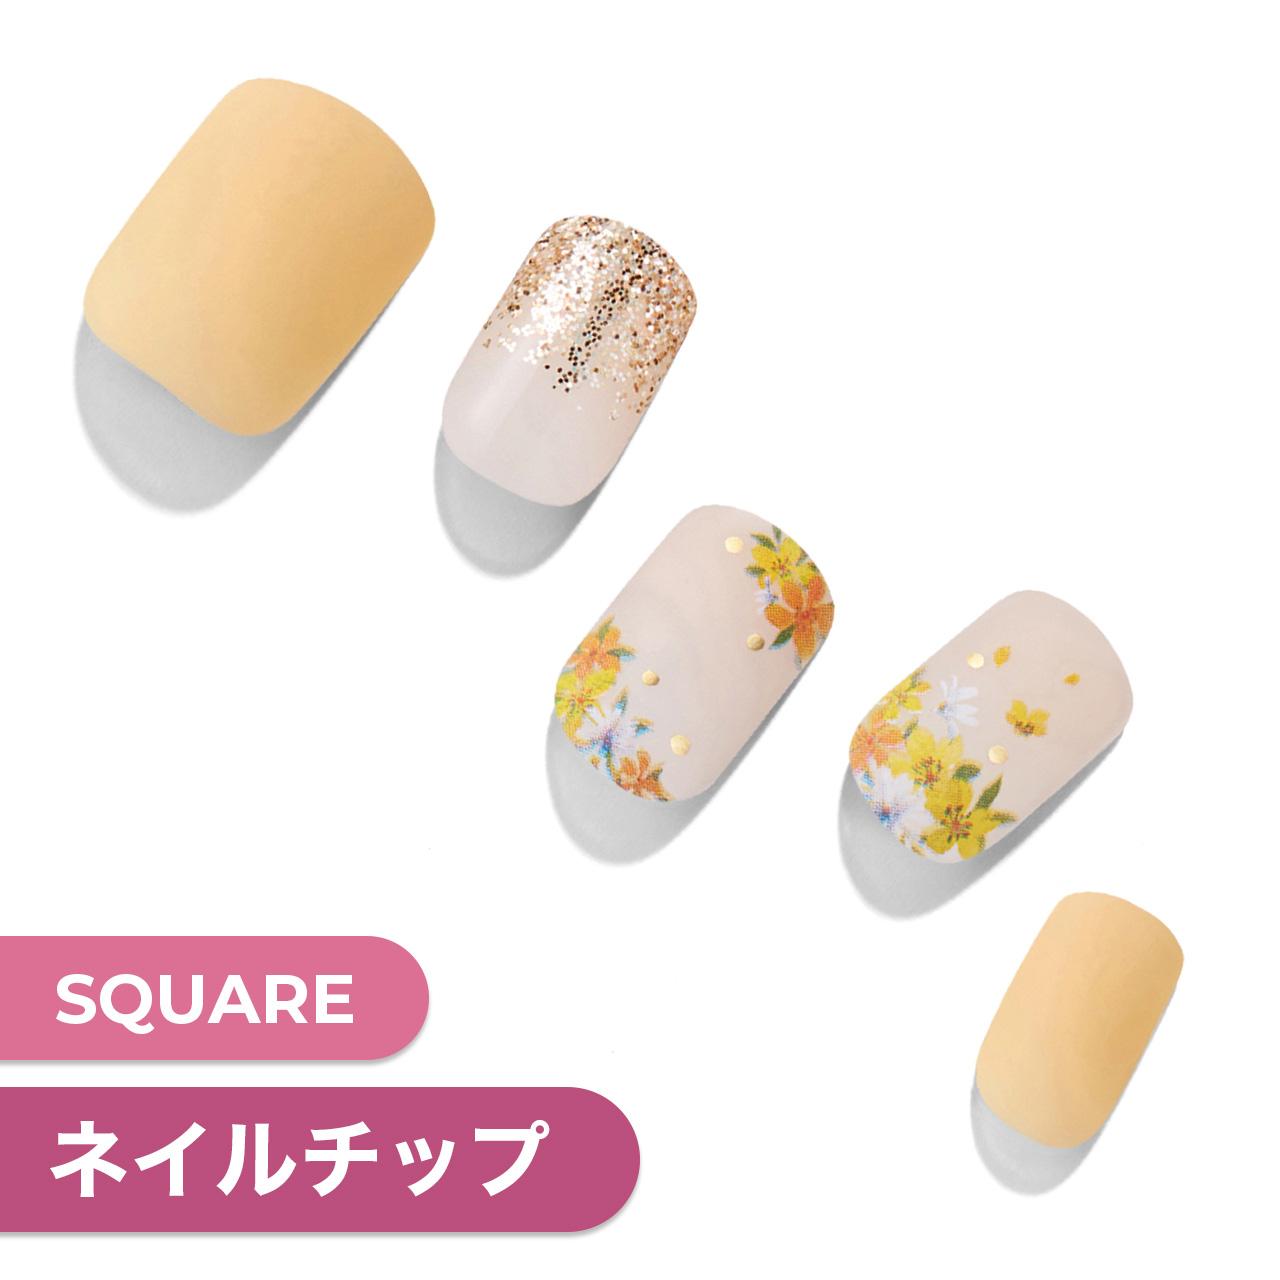 【Delight Yellow】ダッシングディバマジックプレス